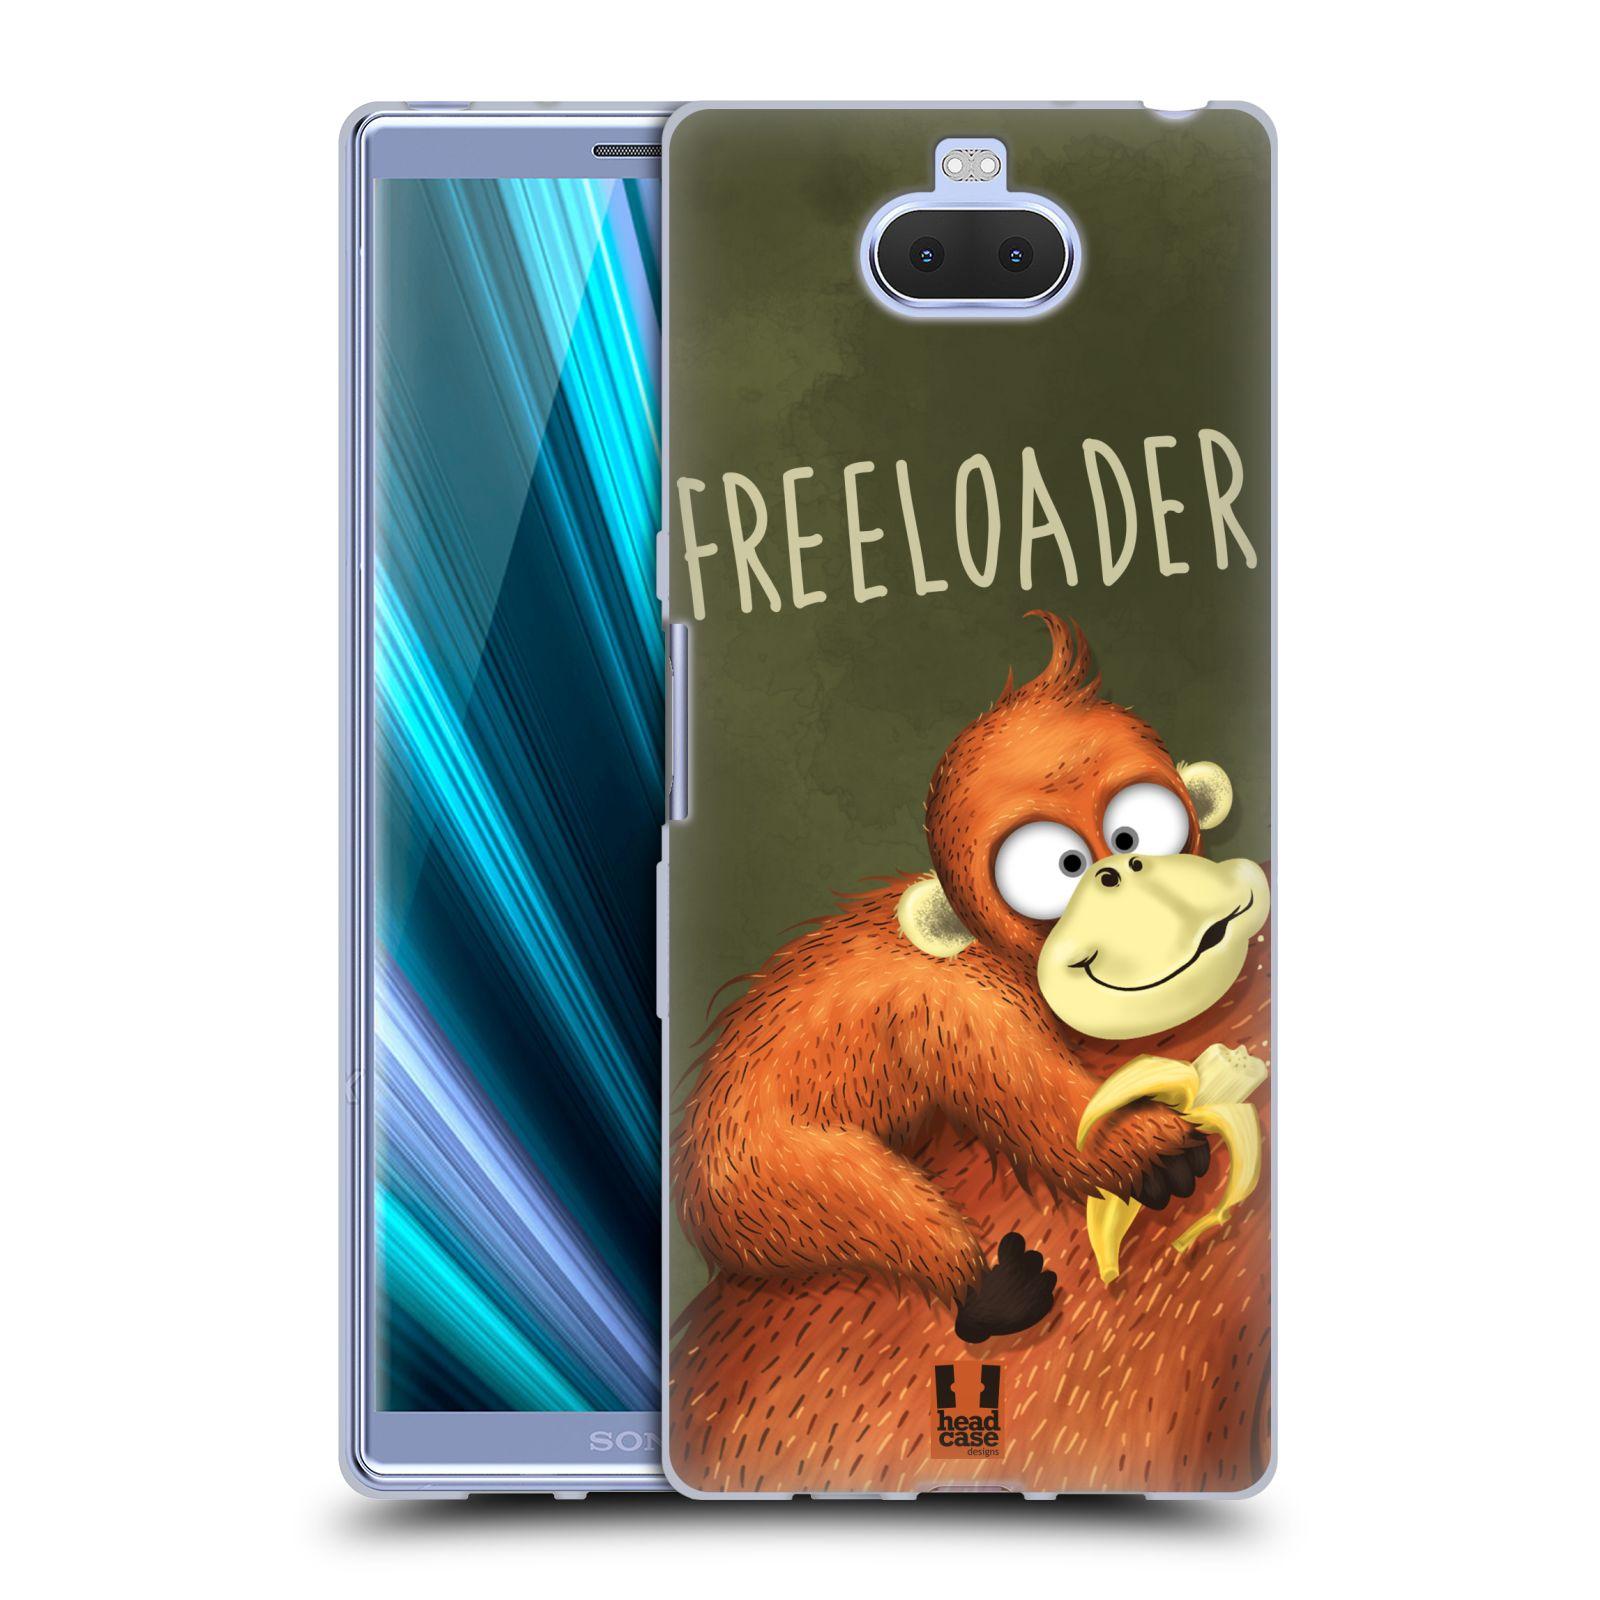 Silikonové pouzdro na mobil Sony Xperia 10 Plus - Head Case - Opičák Freeloader